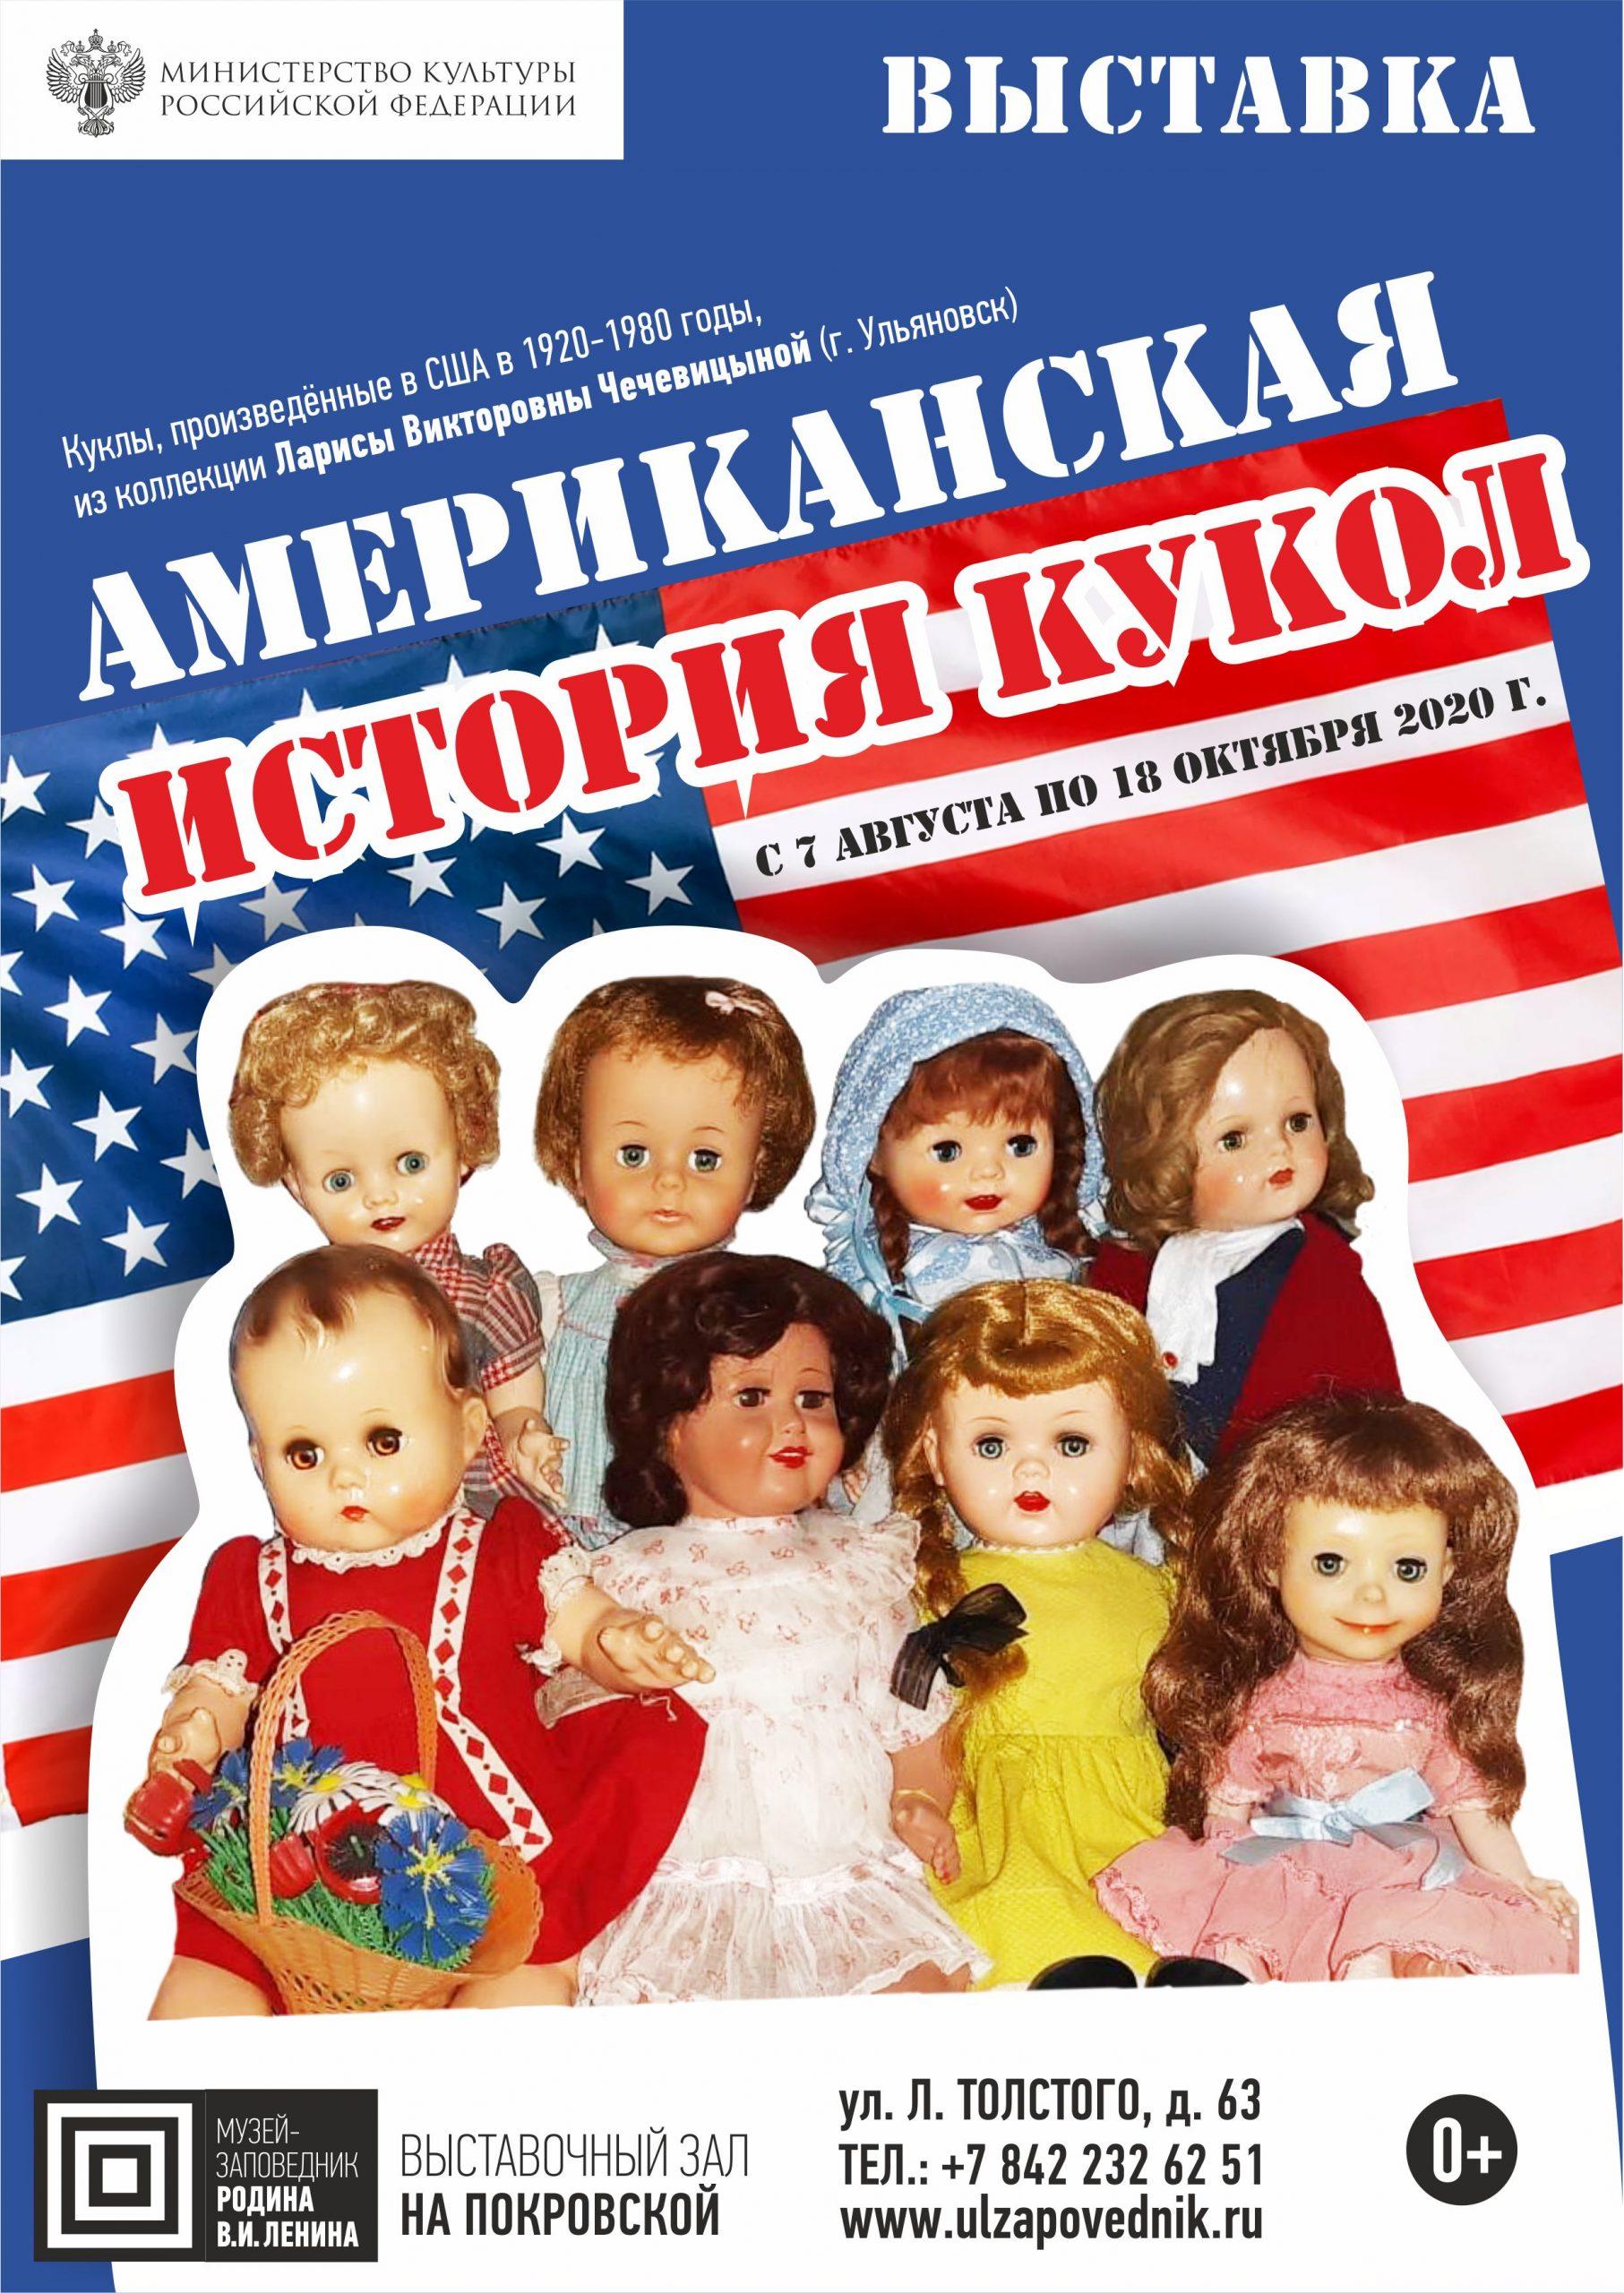 Выставка «Американская история кукол» @ в Выставочном зале «На Покровской», ул. Льва Толстого, д. 63